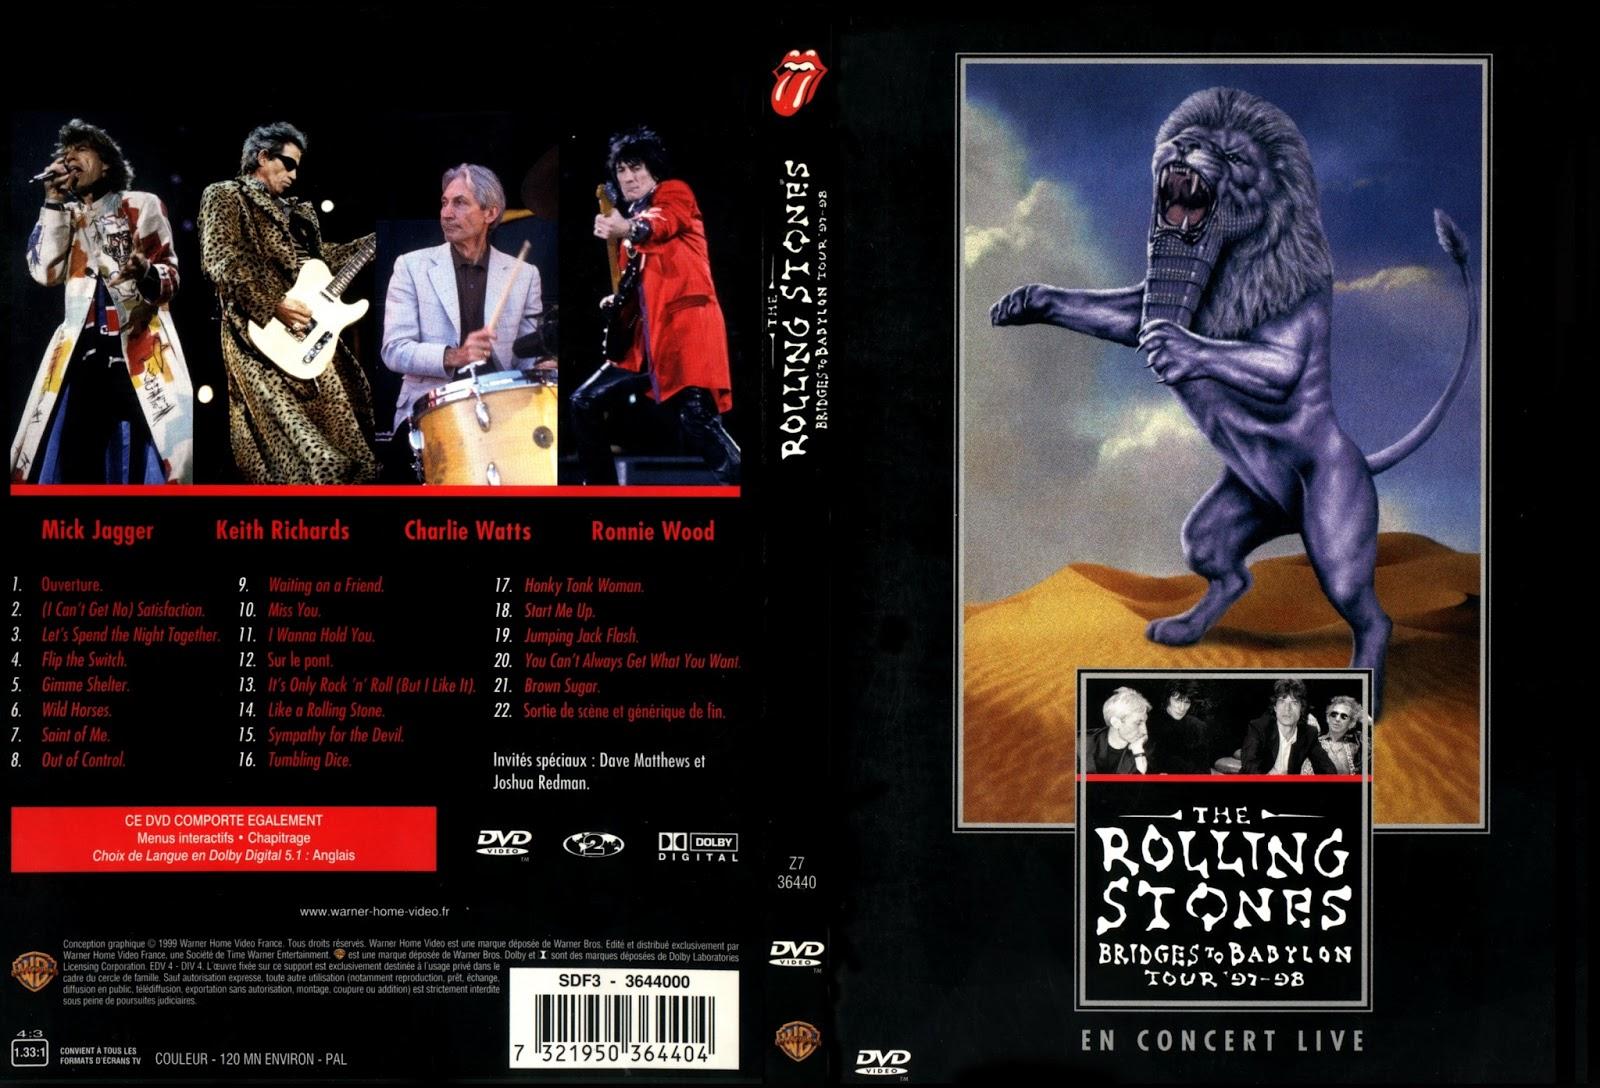 Los Rolling Stones regresan a 'su cancha', el Vicente Calderón The_Rolling_stones_Bridges_to_Babylon_tour_97_98+(1)